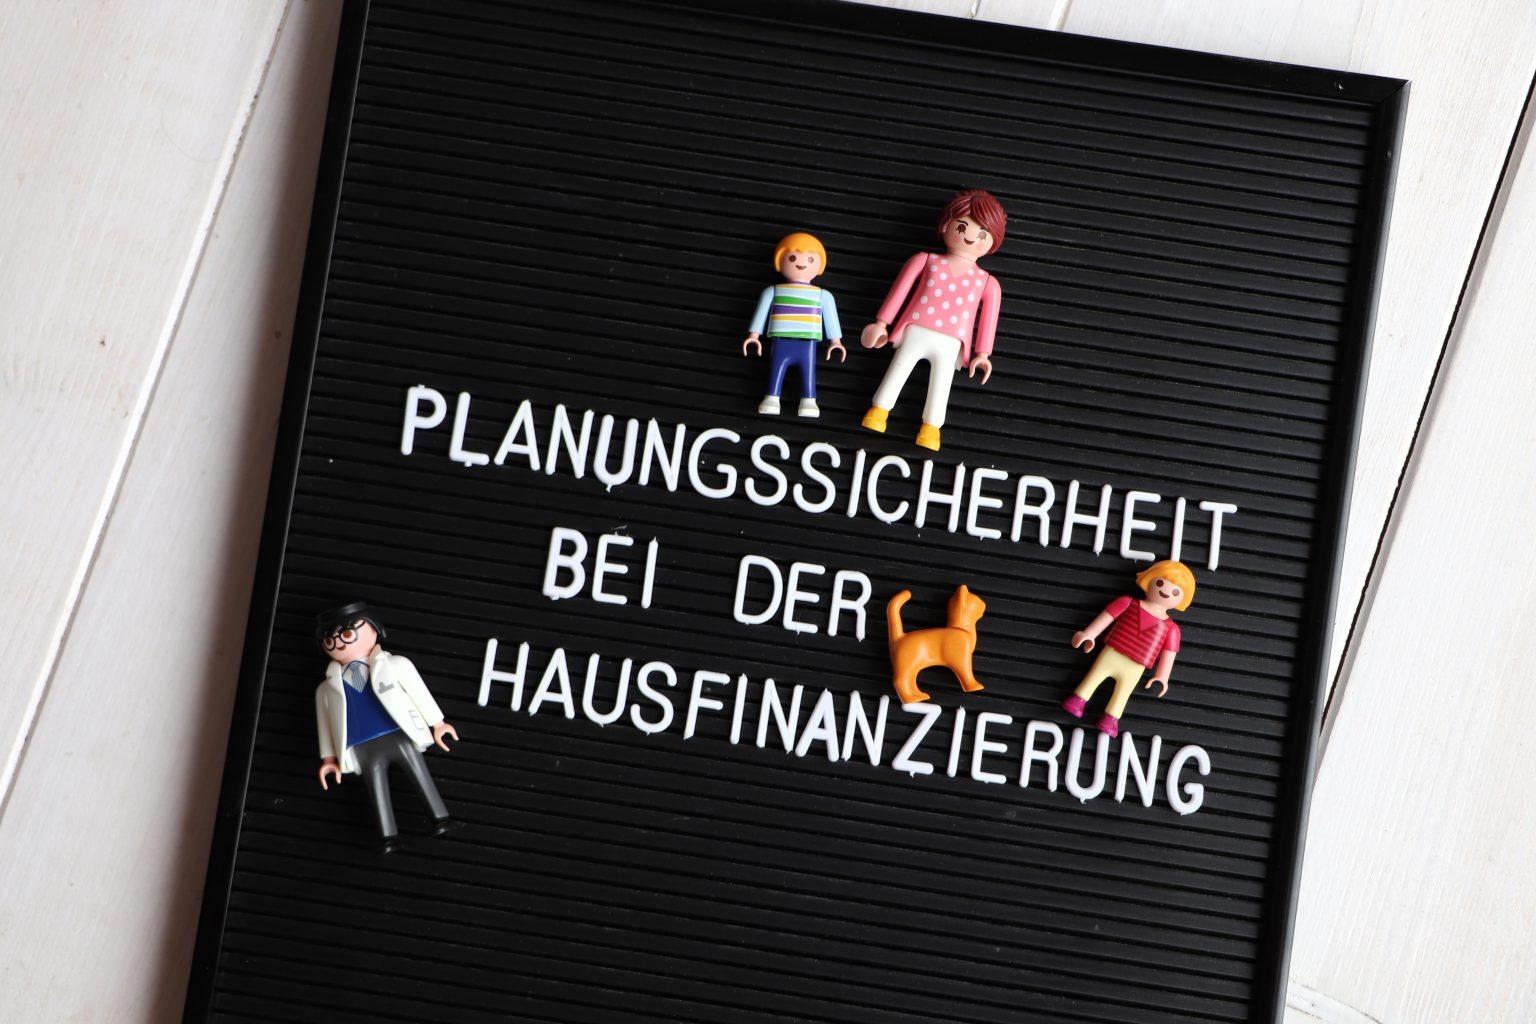 Planungssicherheit Anschlussfinanzierung Allianz